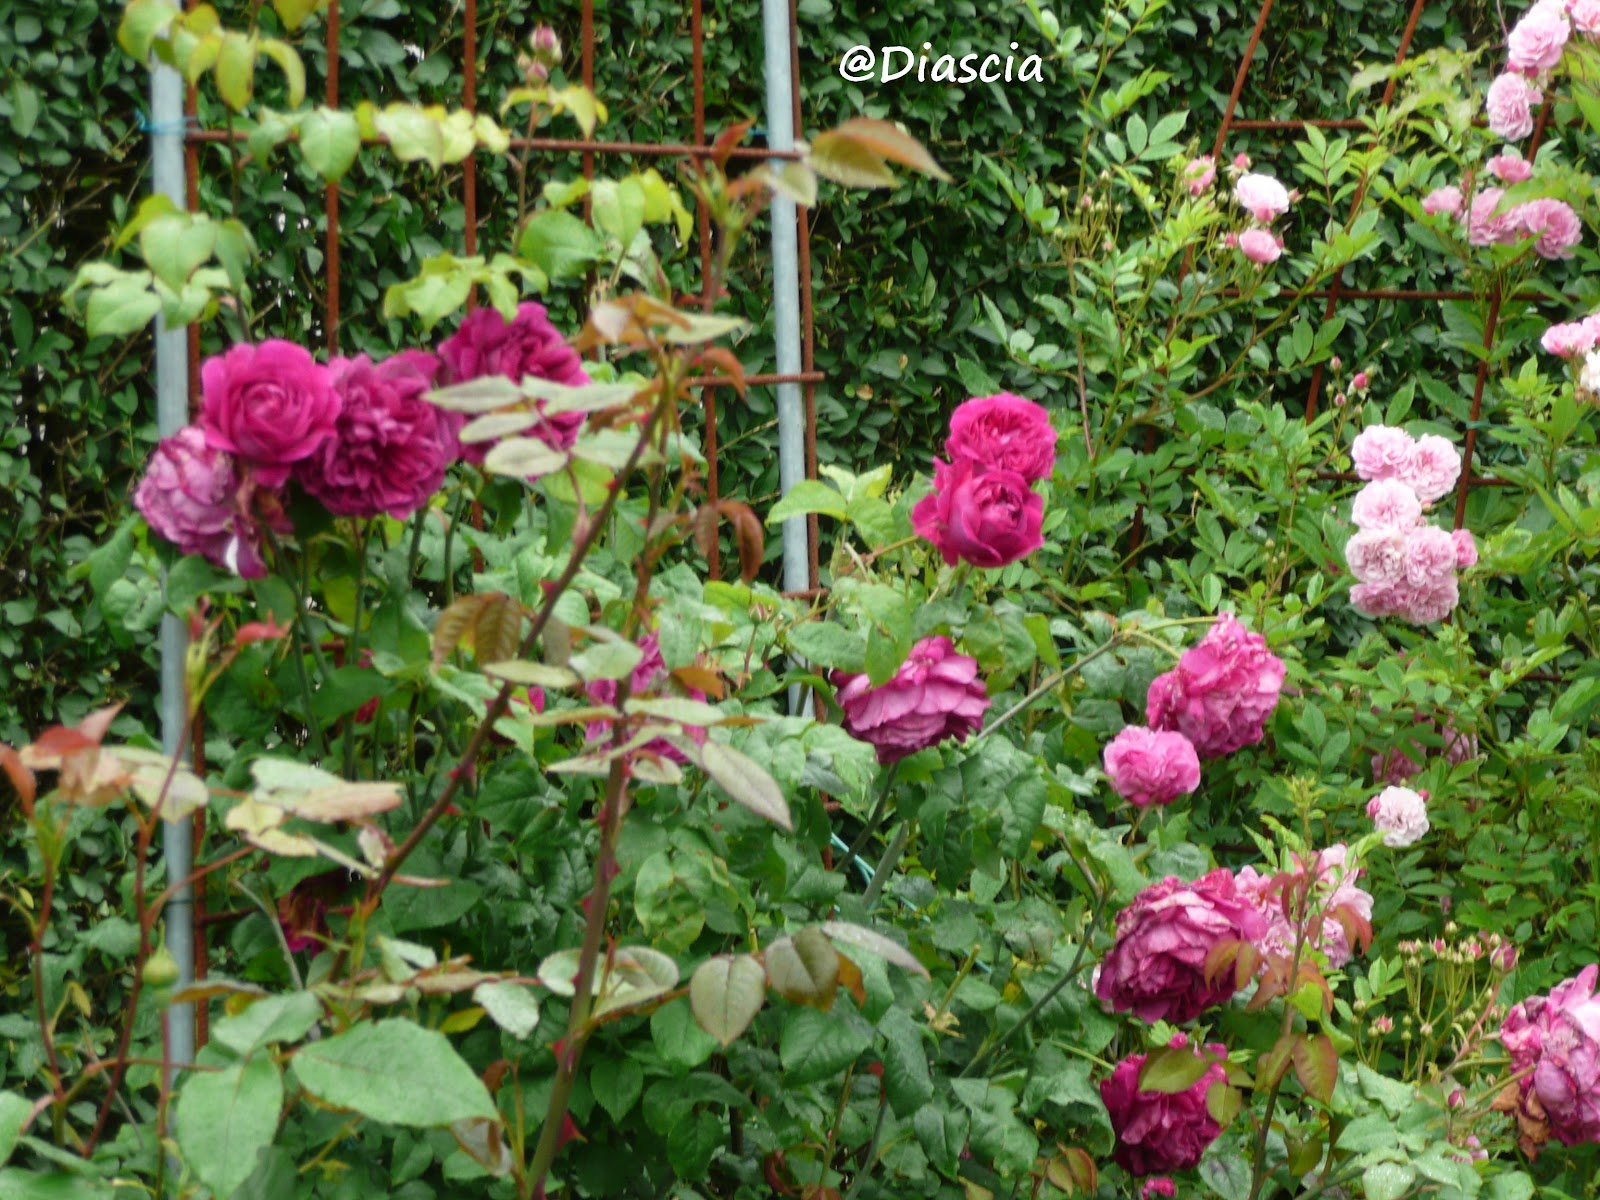 Le jardin de diascia structures en fer a beton for Comment arroser un rosier en pot